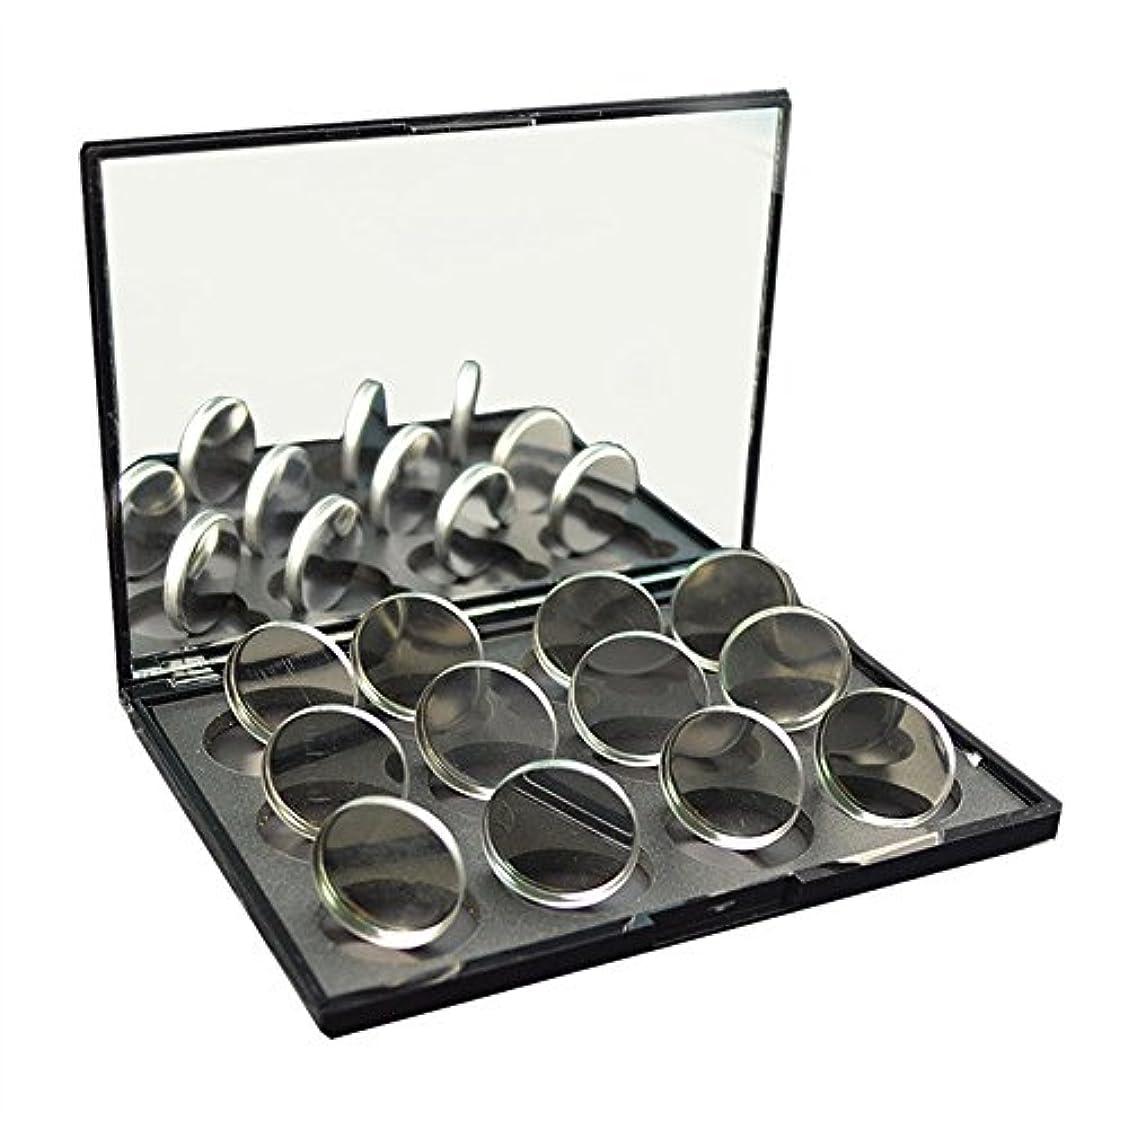 帝国主義する好意磁石に敏感な粉のアイシャドウ26mmのための100pcs空の円形の錫鍋